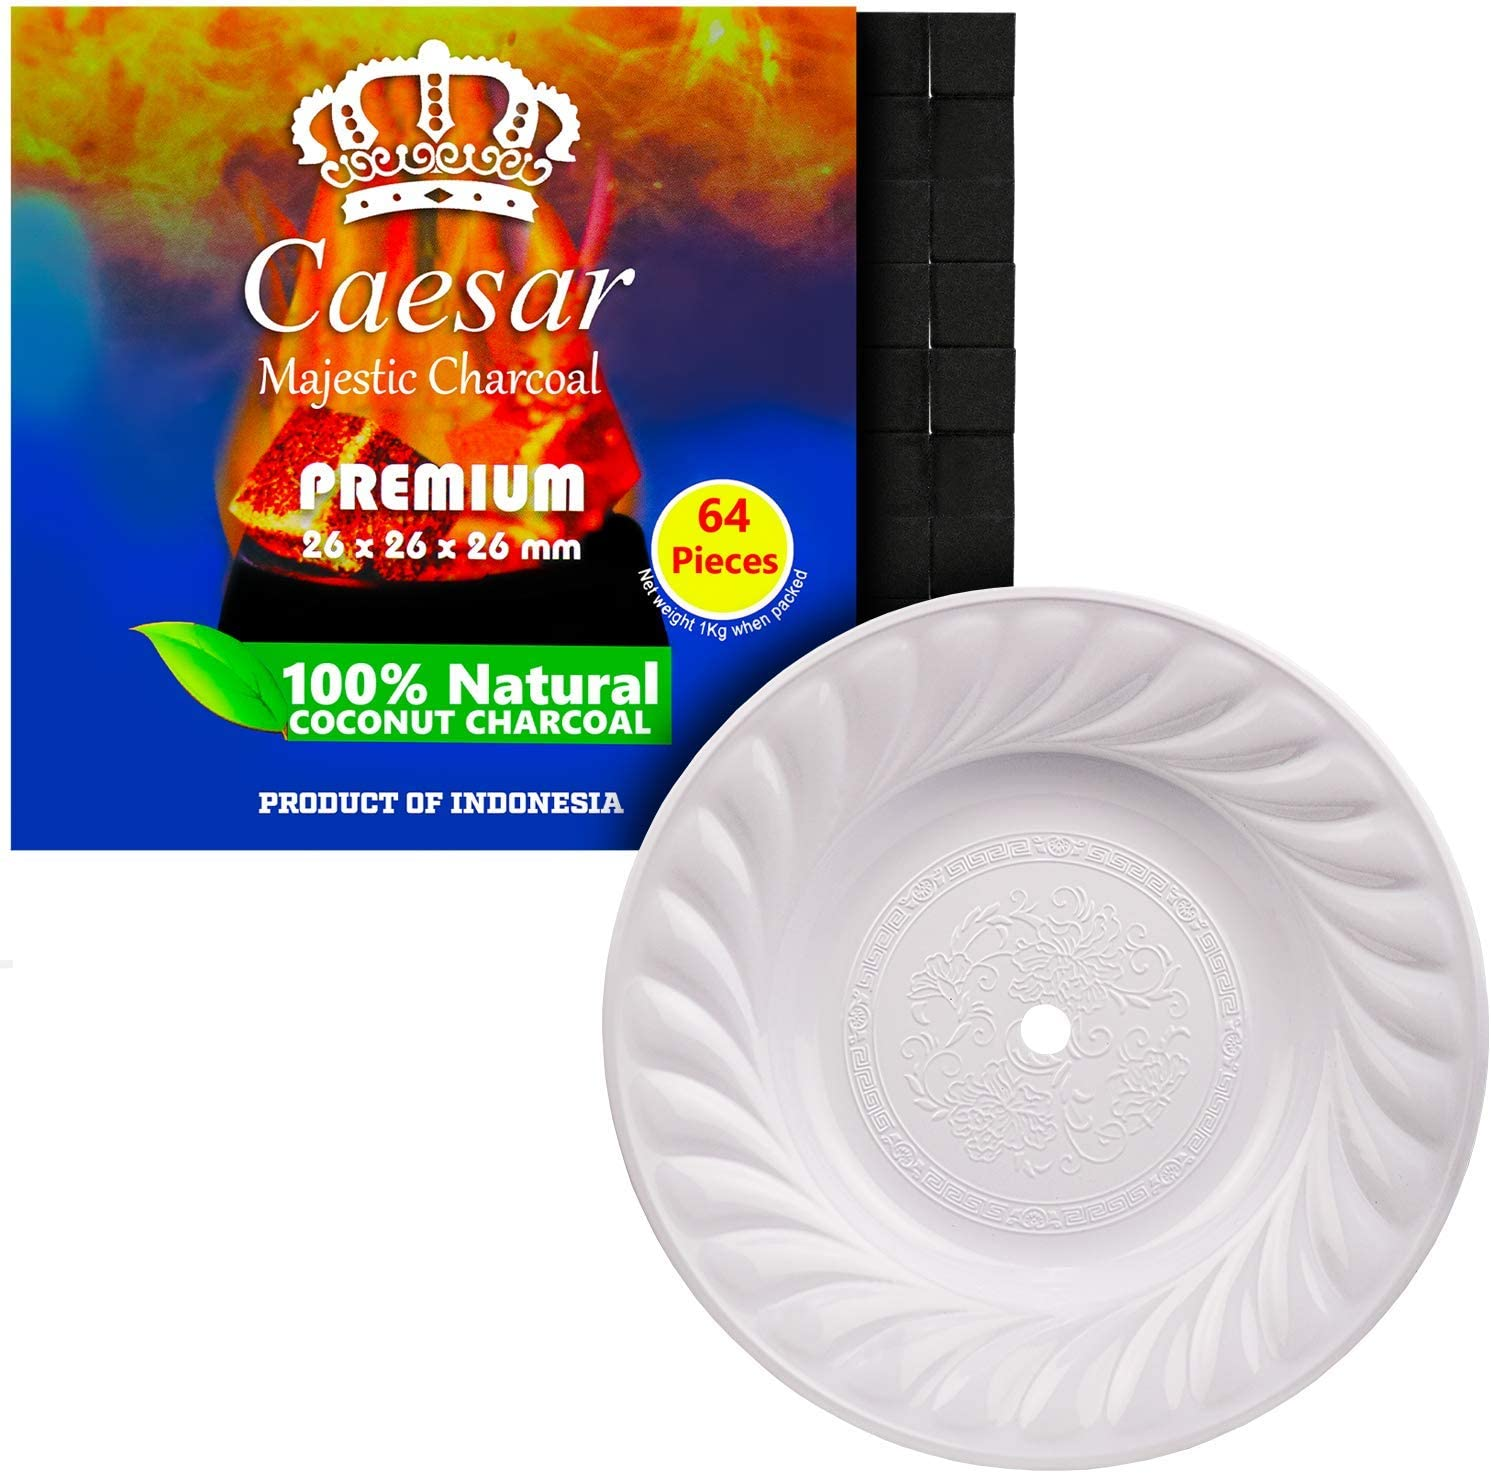 Caesar Shisha Set de carbón de cachimba, 1 kg, 2,6 cm, 64 platos de carbón y hookah, para pipas de agua, cenizas, 39 cm, color blanco